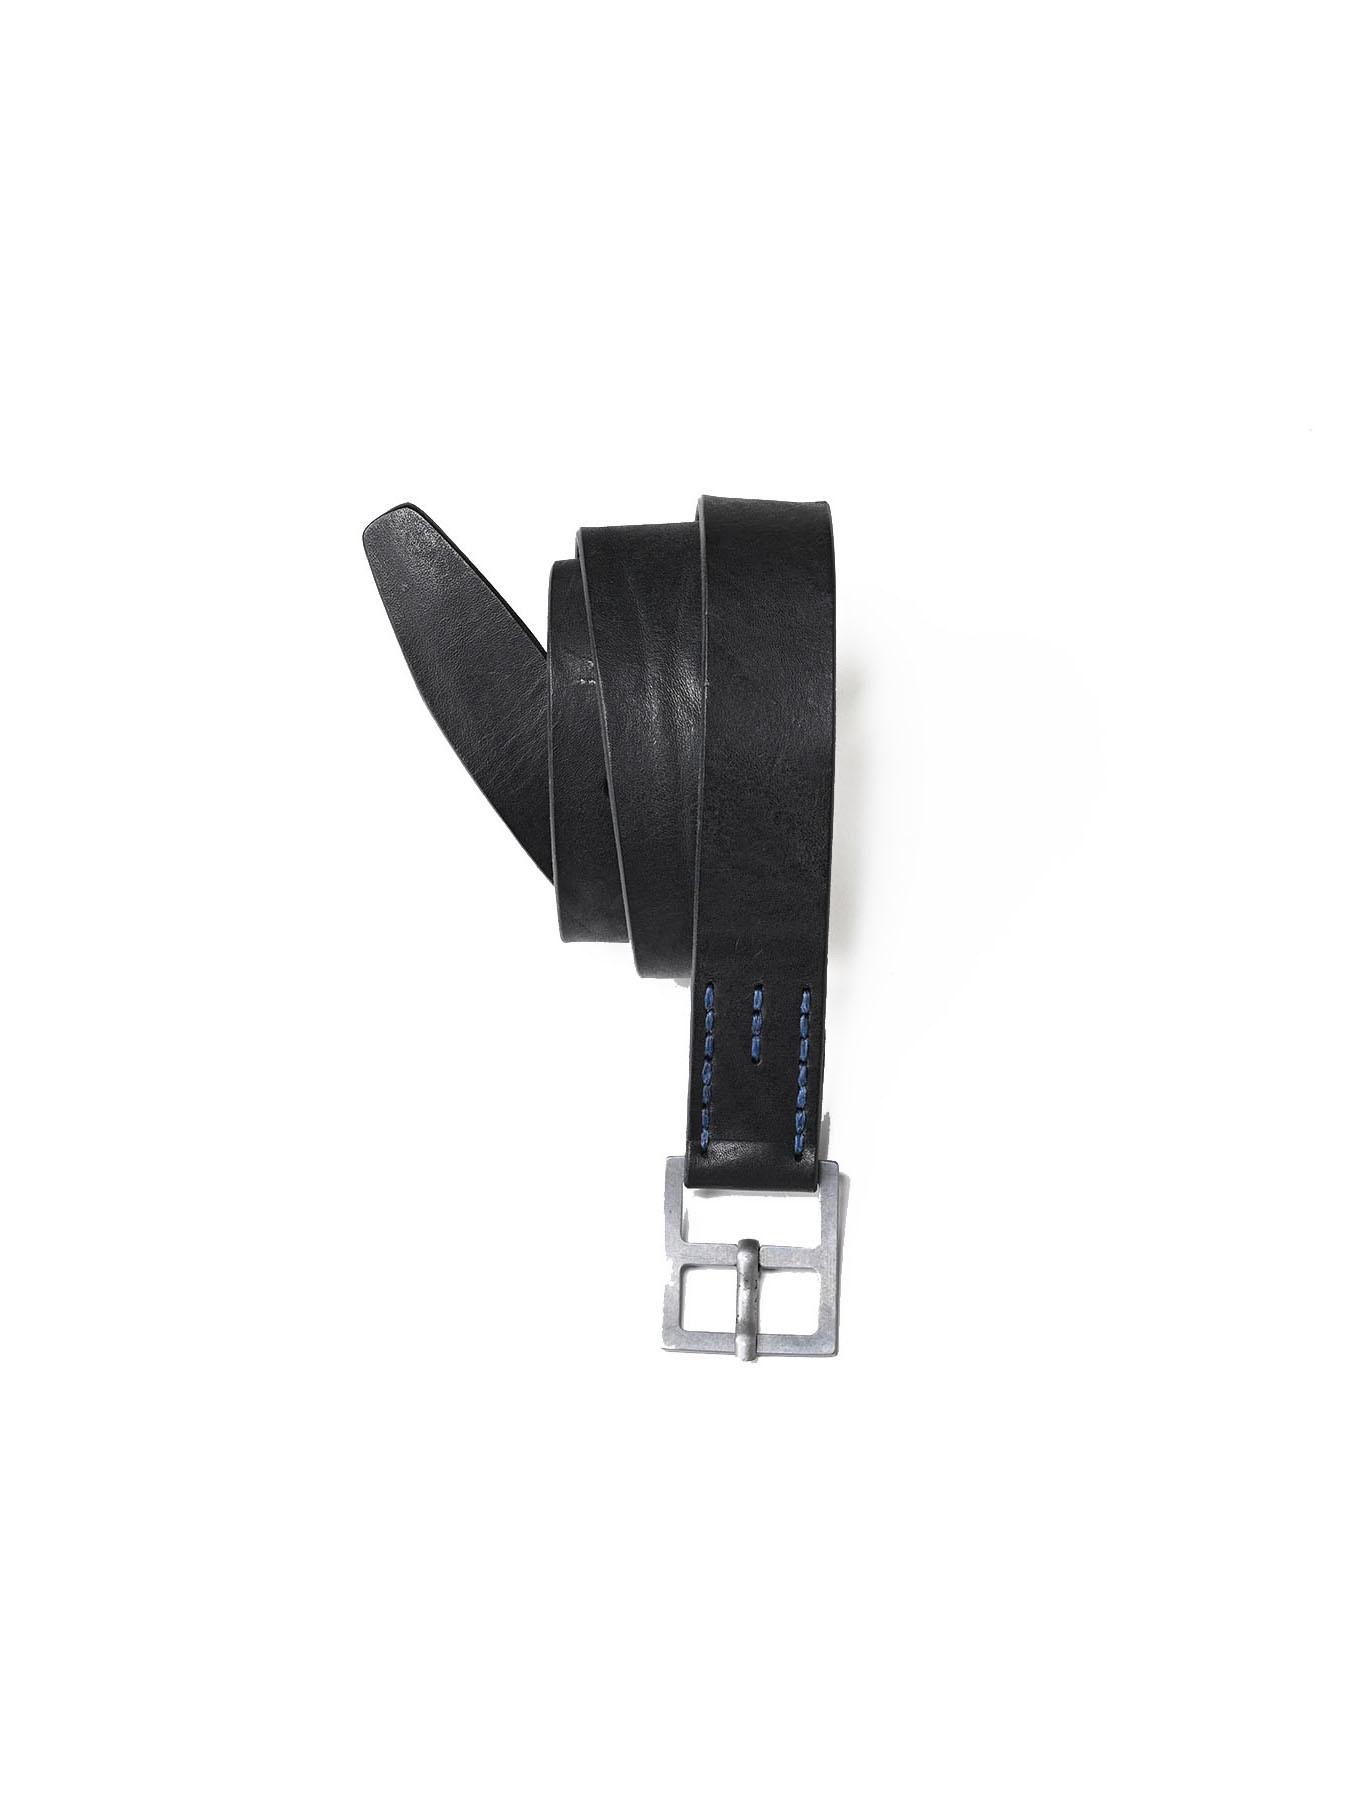 Vintage Belt-3